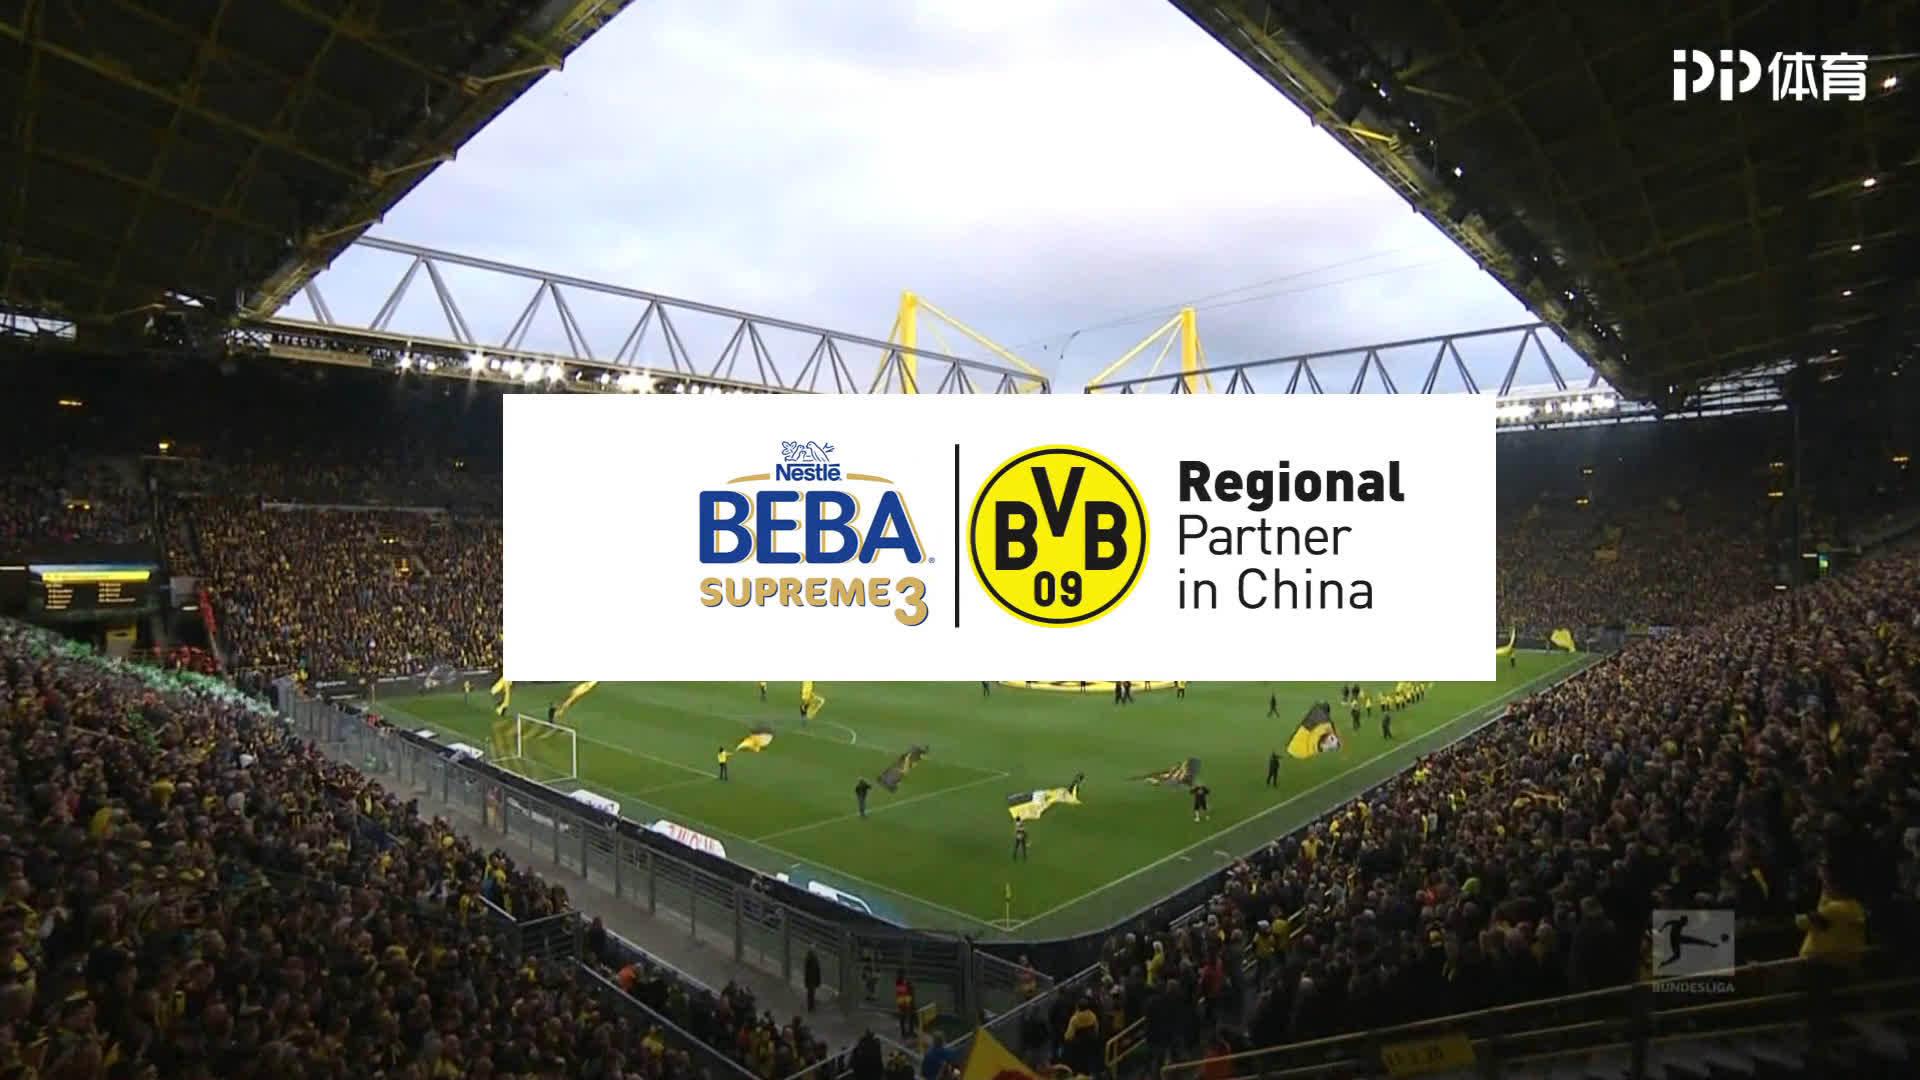 德国BEBA奶粉邀请你亲临BVB主场VIP包厢,为大黄蜂坐阵加油